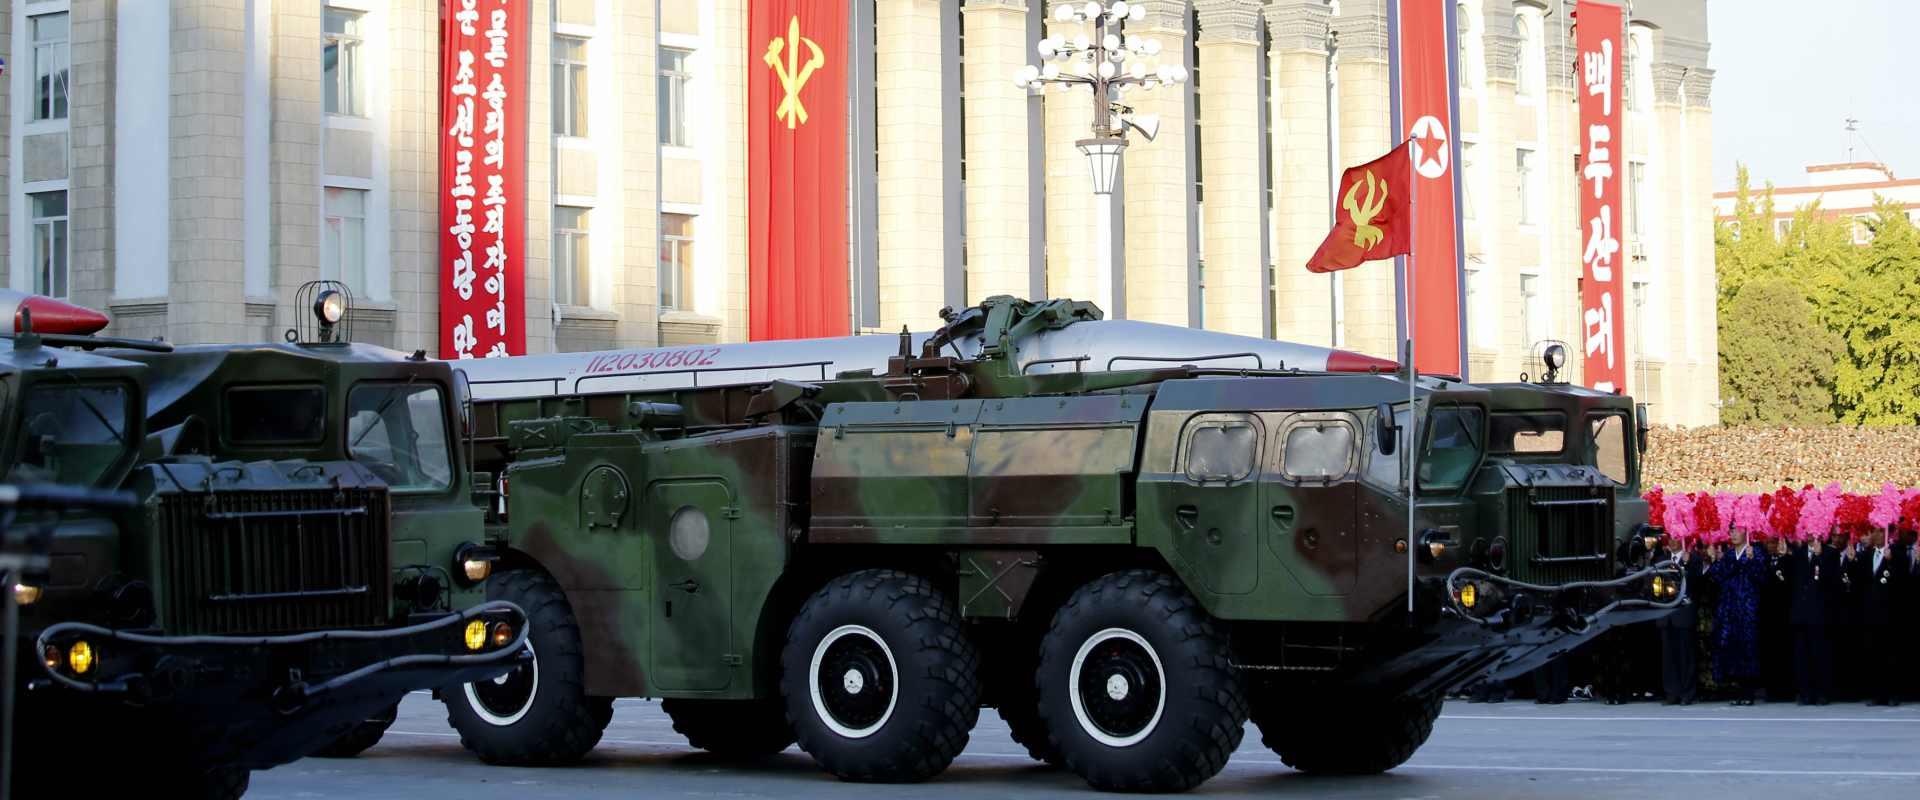 טיל של קוריאה הצפונית מוצג במצעד בפיונגיאנג